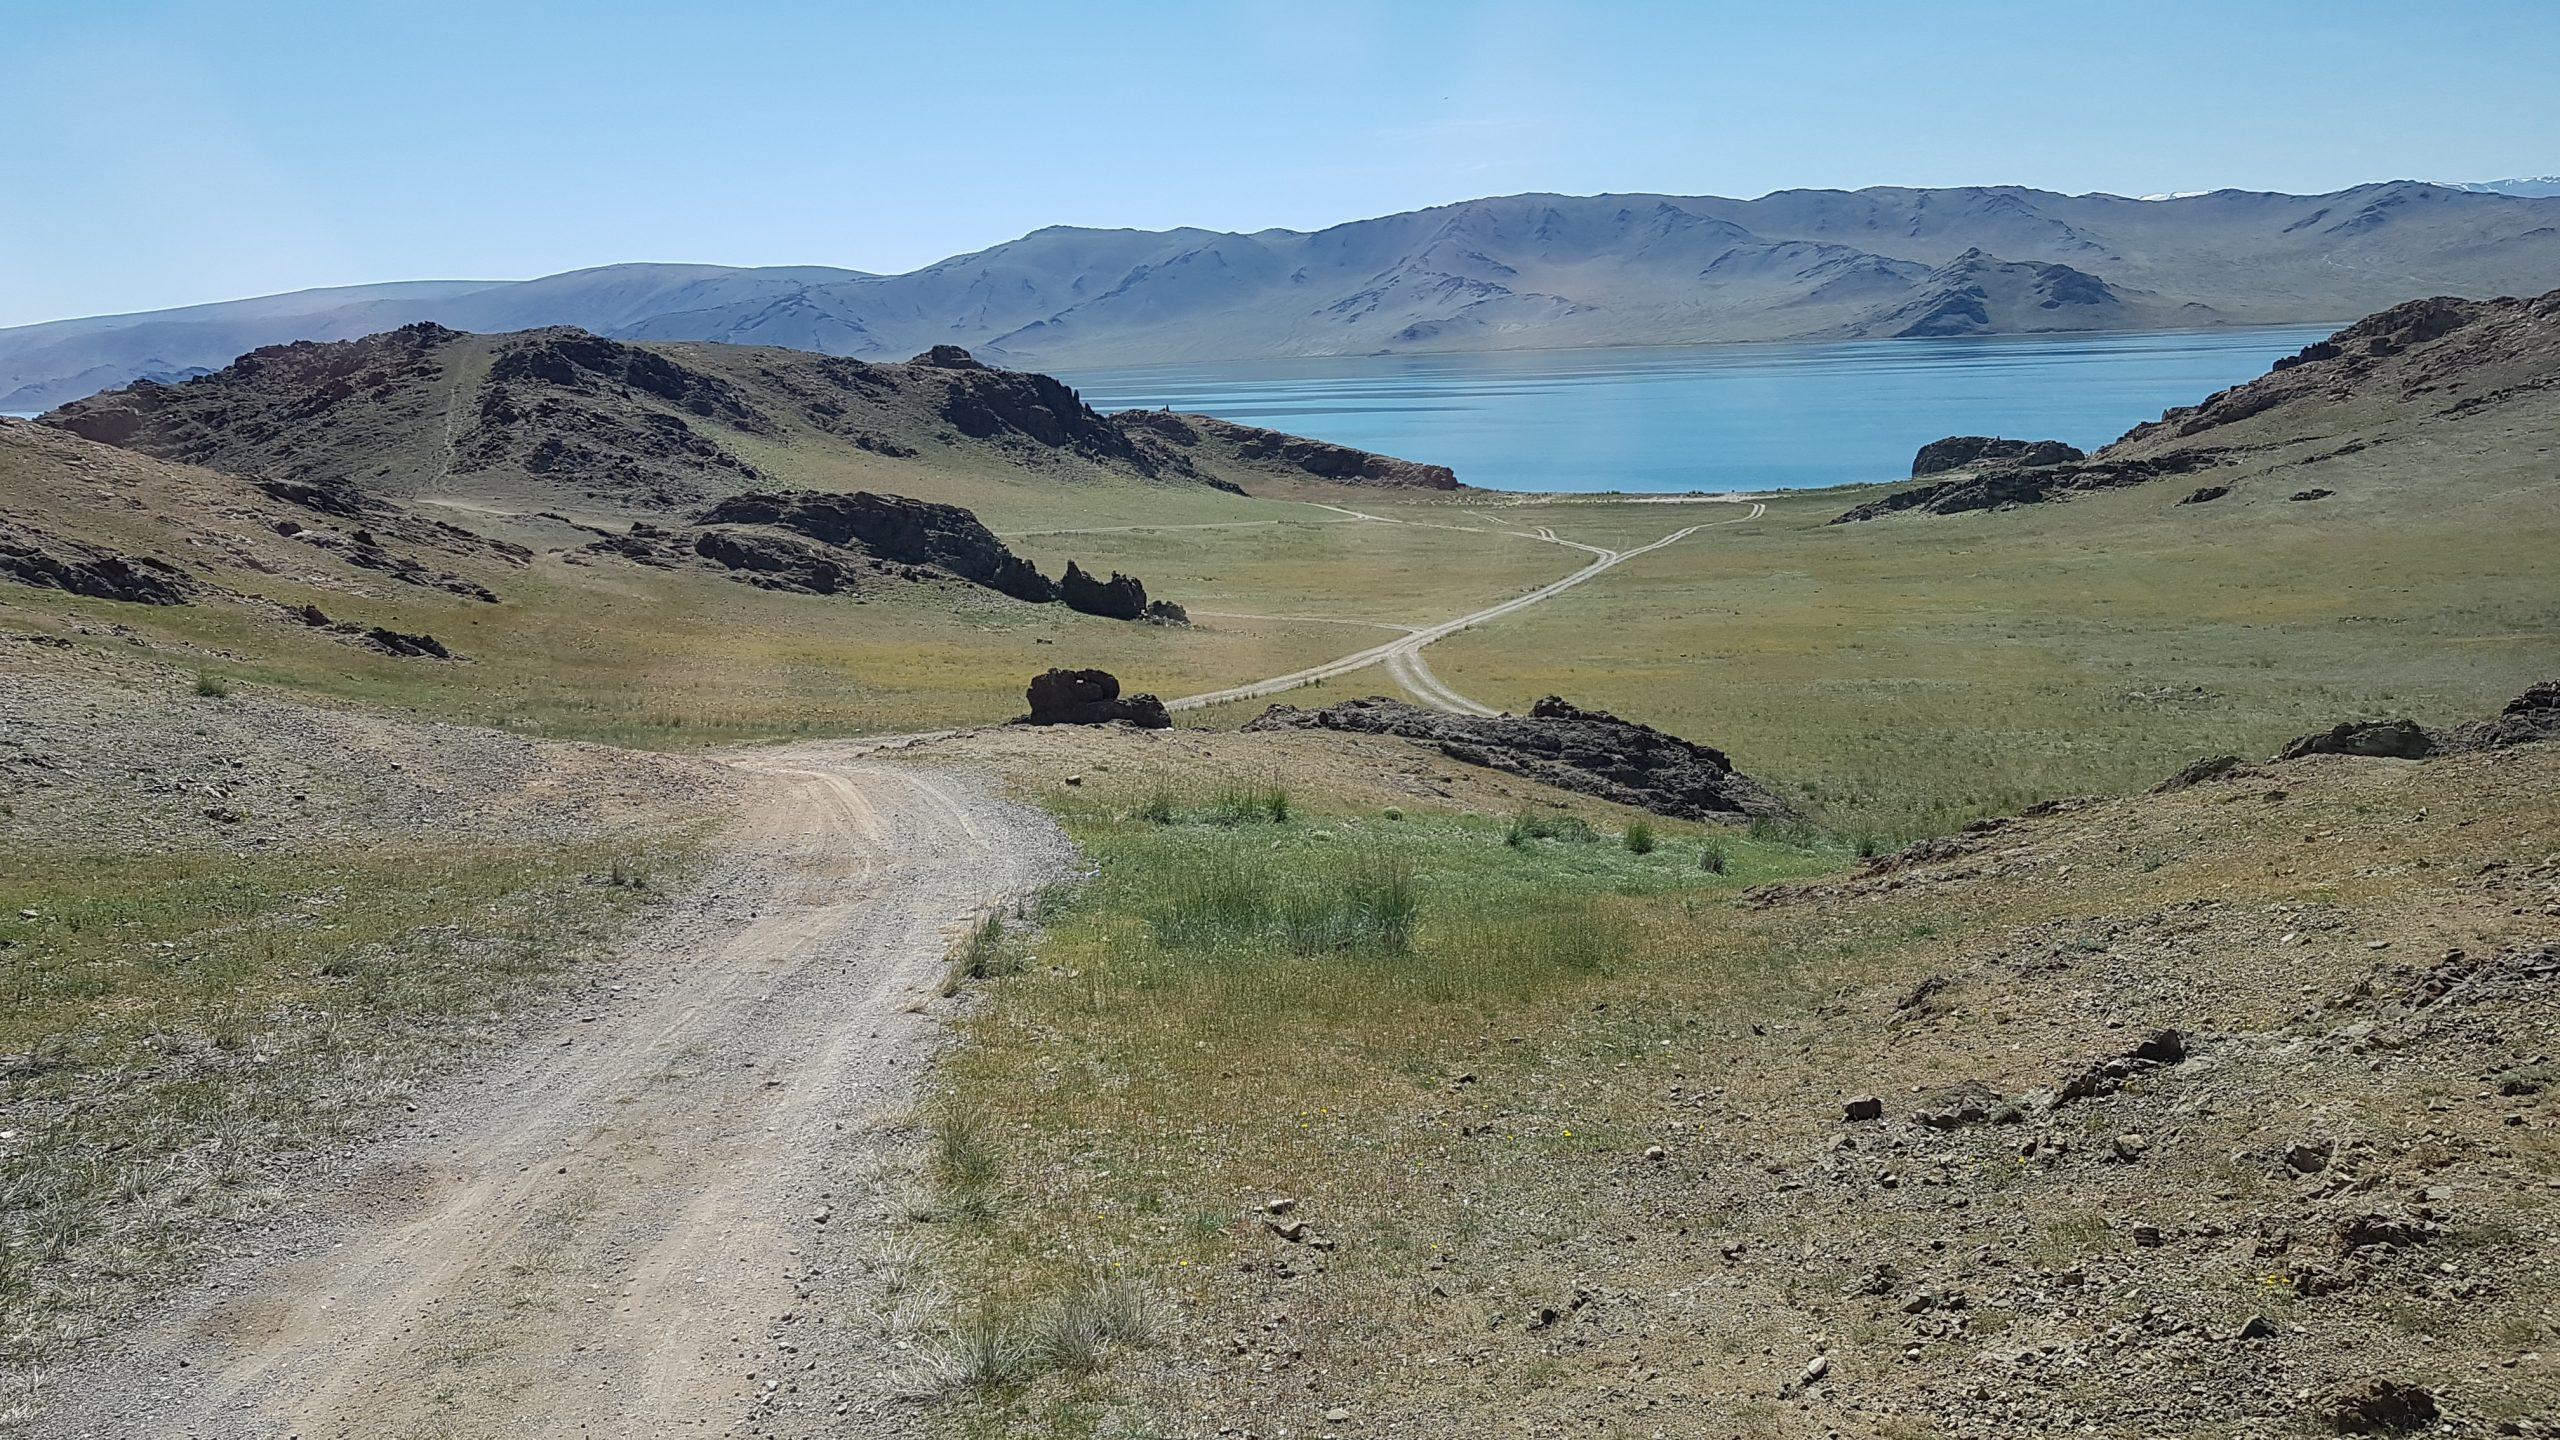 21 août : Lac Tolbo